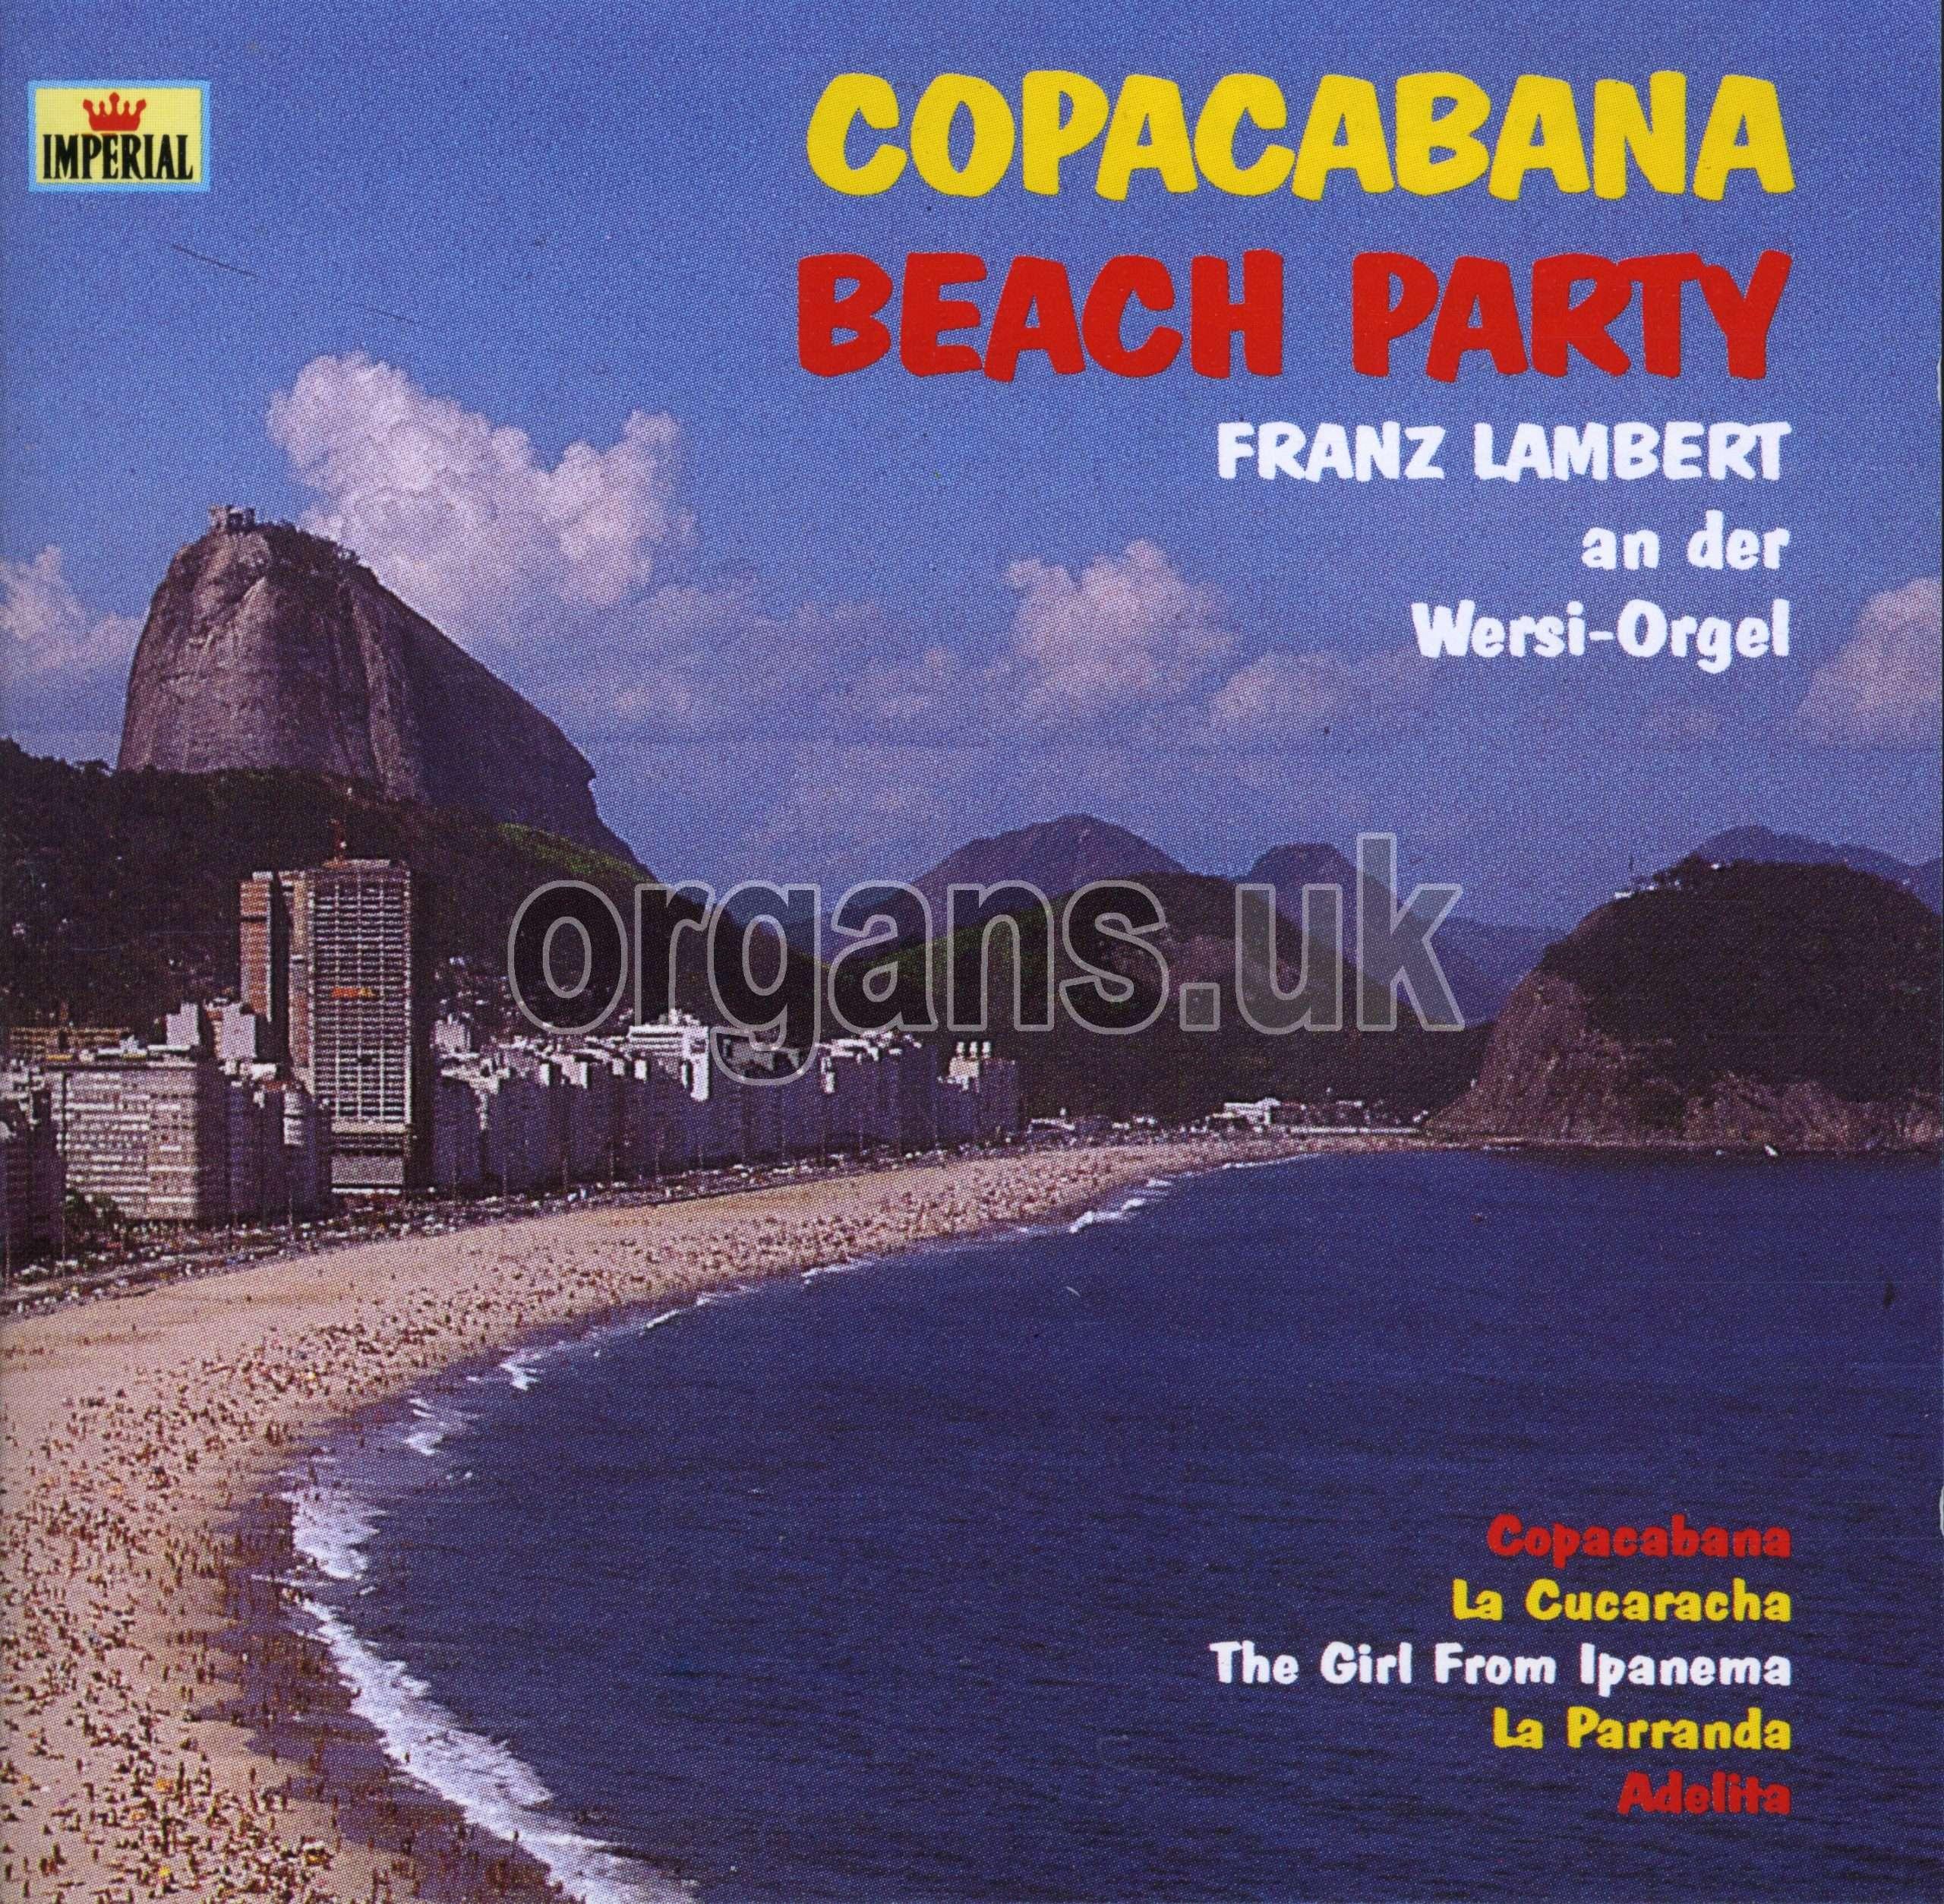 Franz Lambert - Copacabana Beach Party